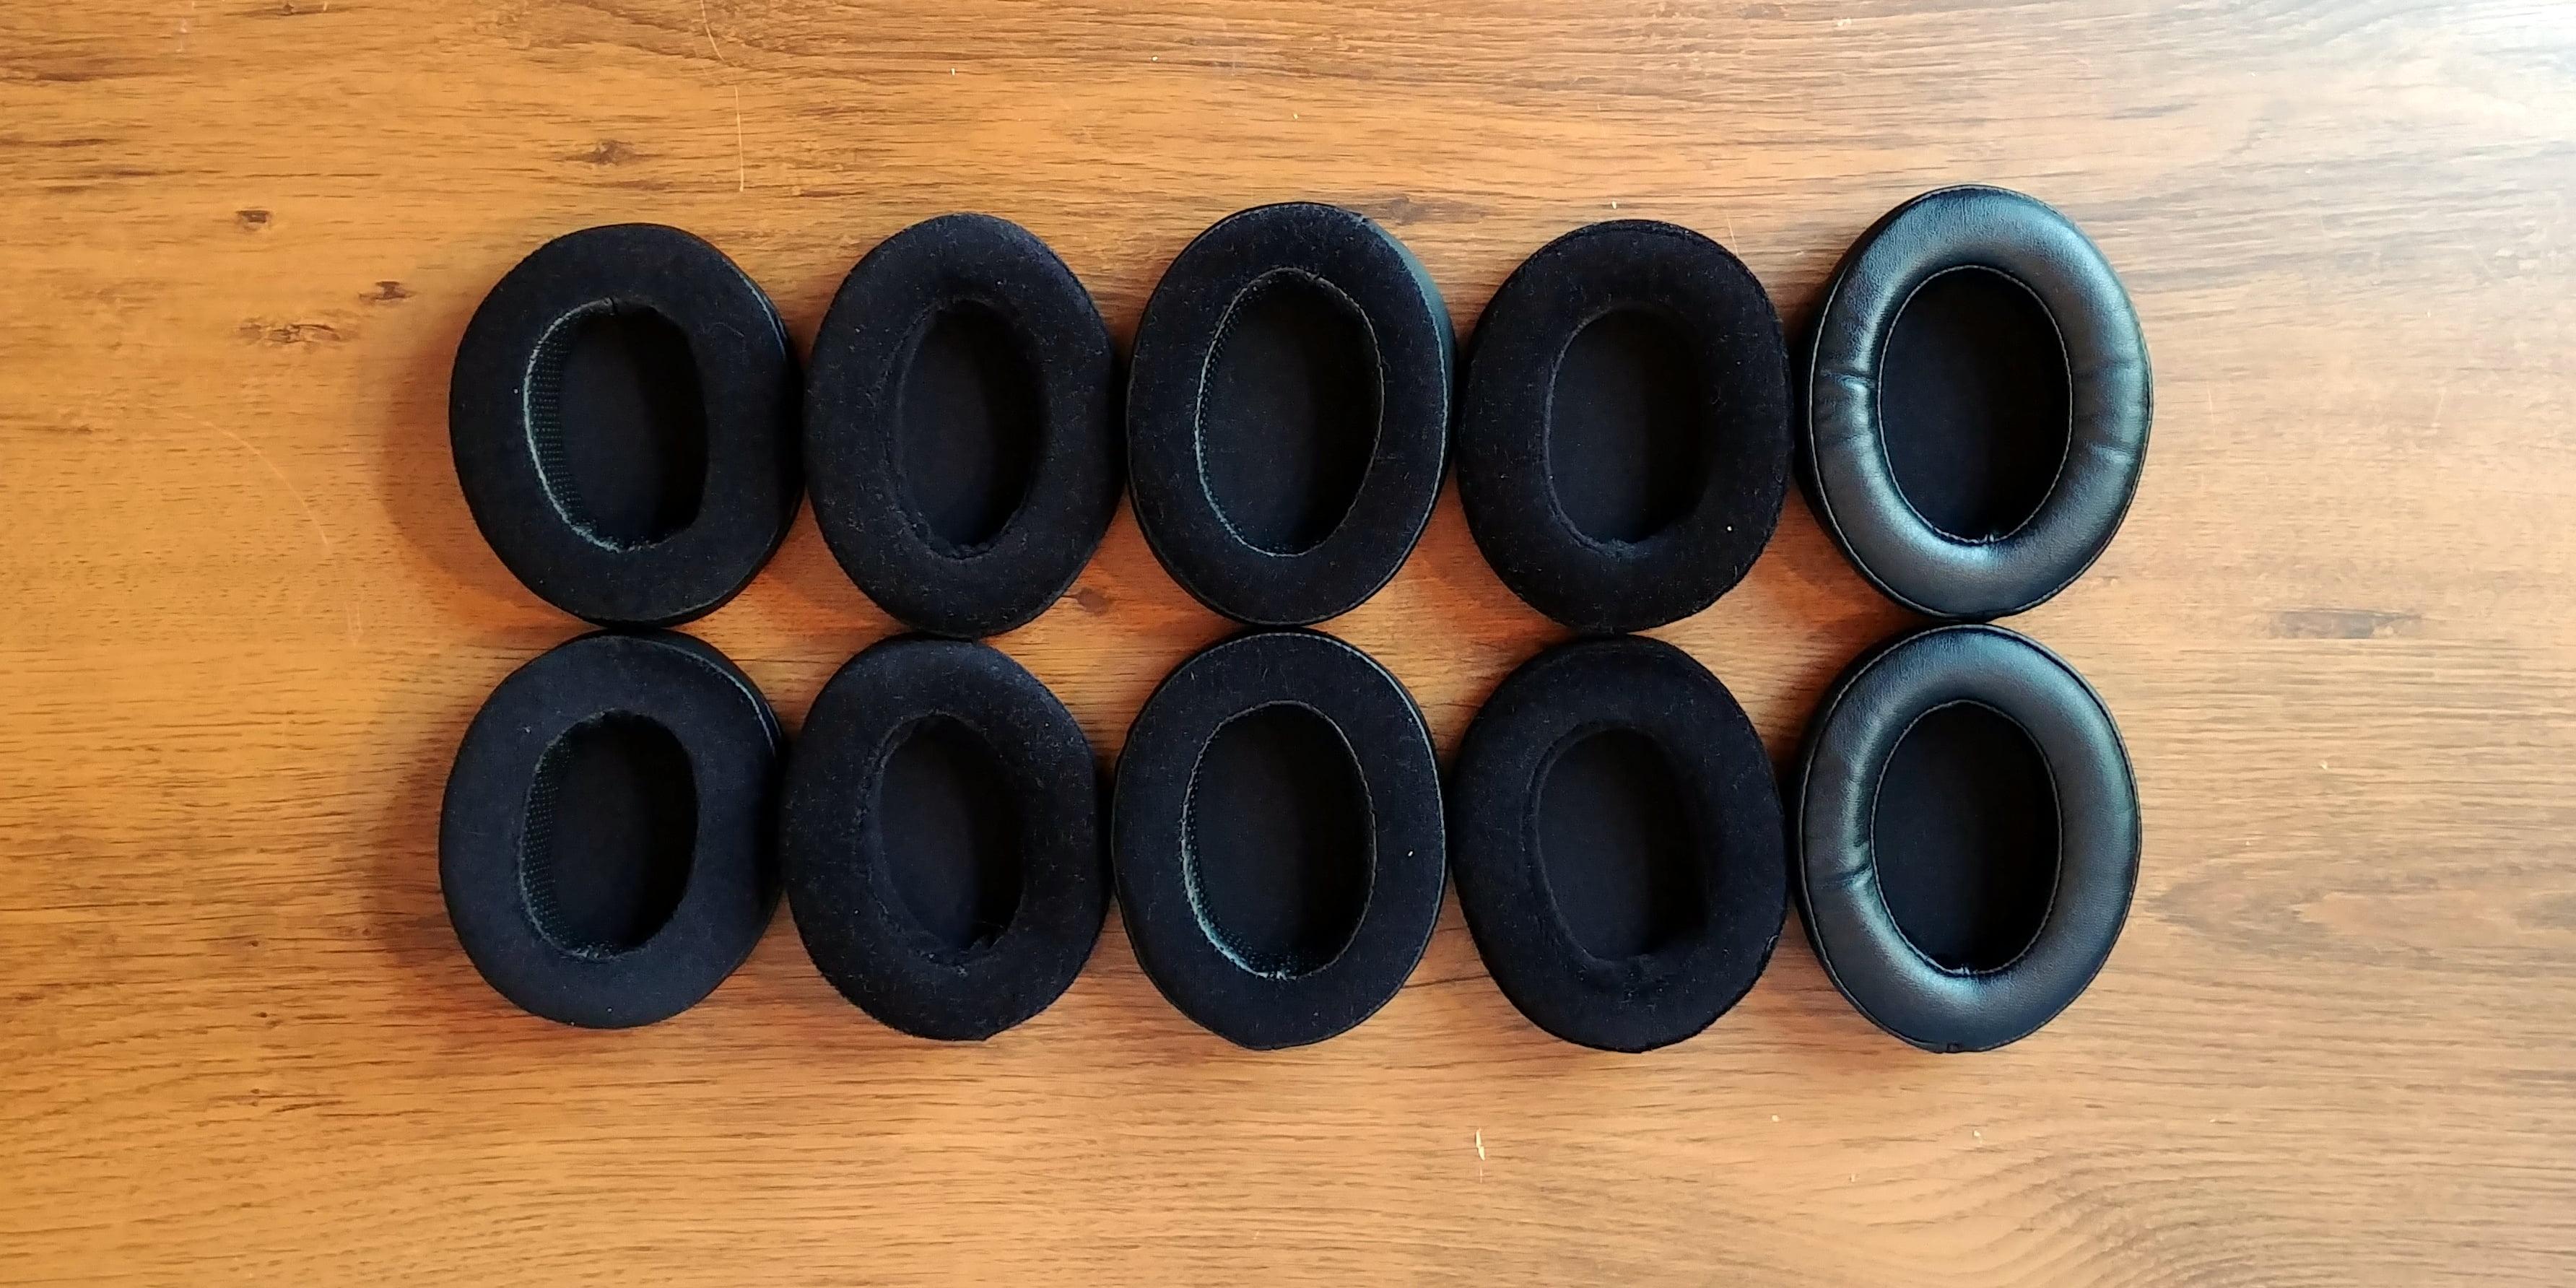 Brainwavz Ear Pads, czyli nausznice w pięciu odsłonach. Jak się sprawdzają? 19